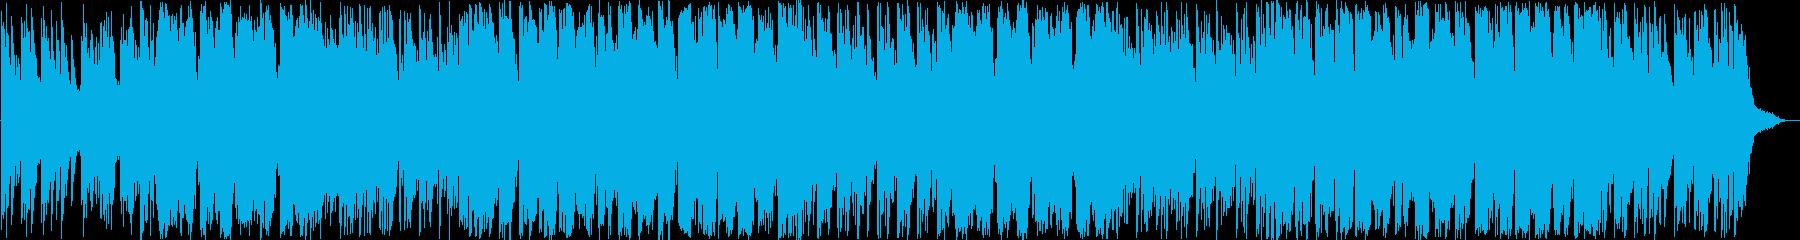 神社をイメージした和風BGMの再生済みの波形